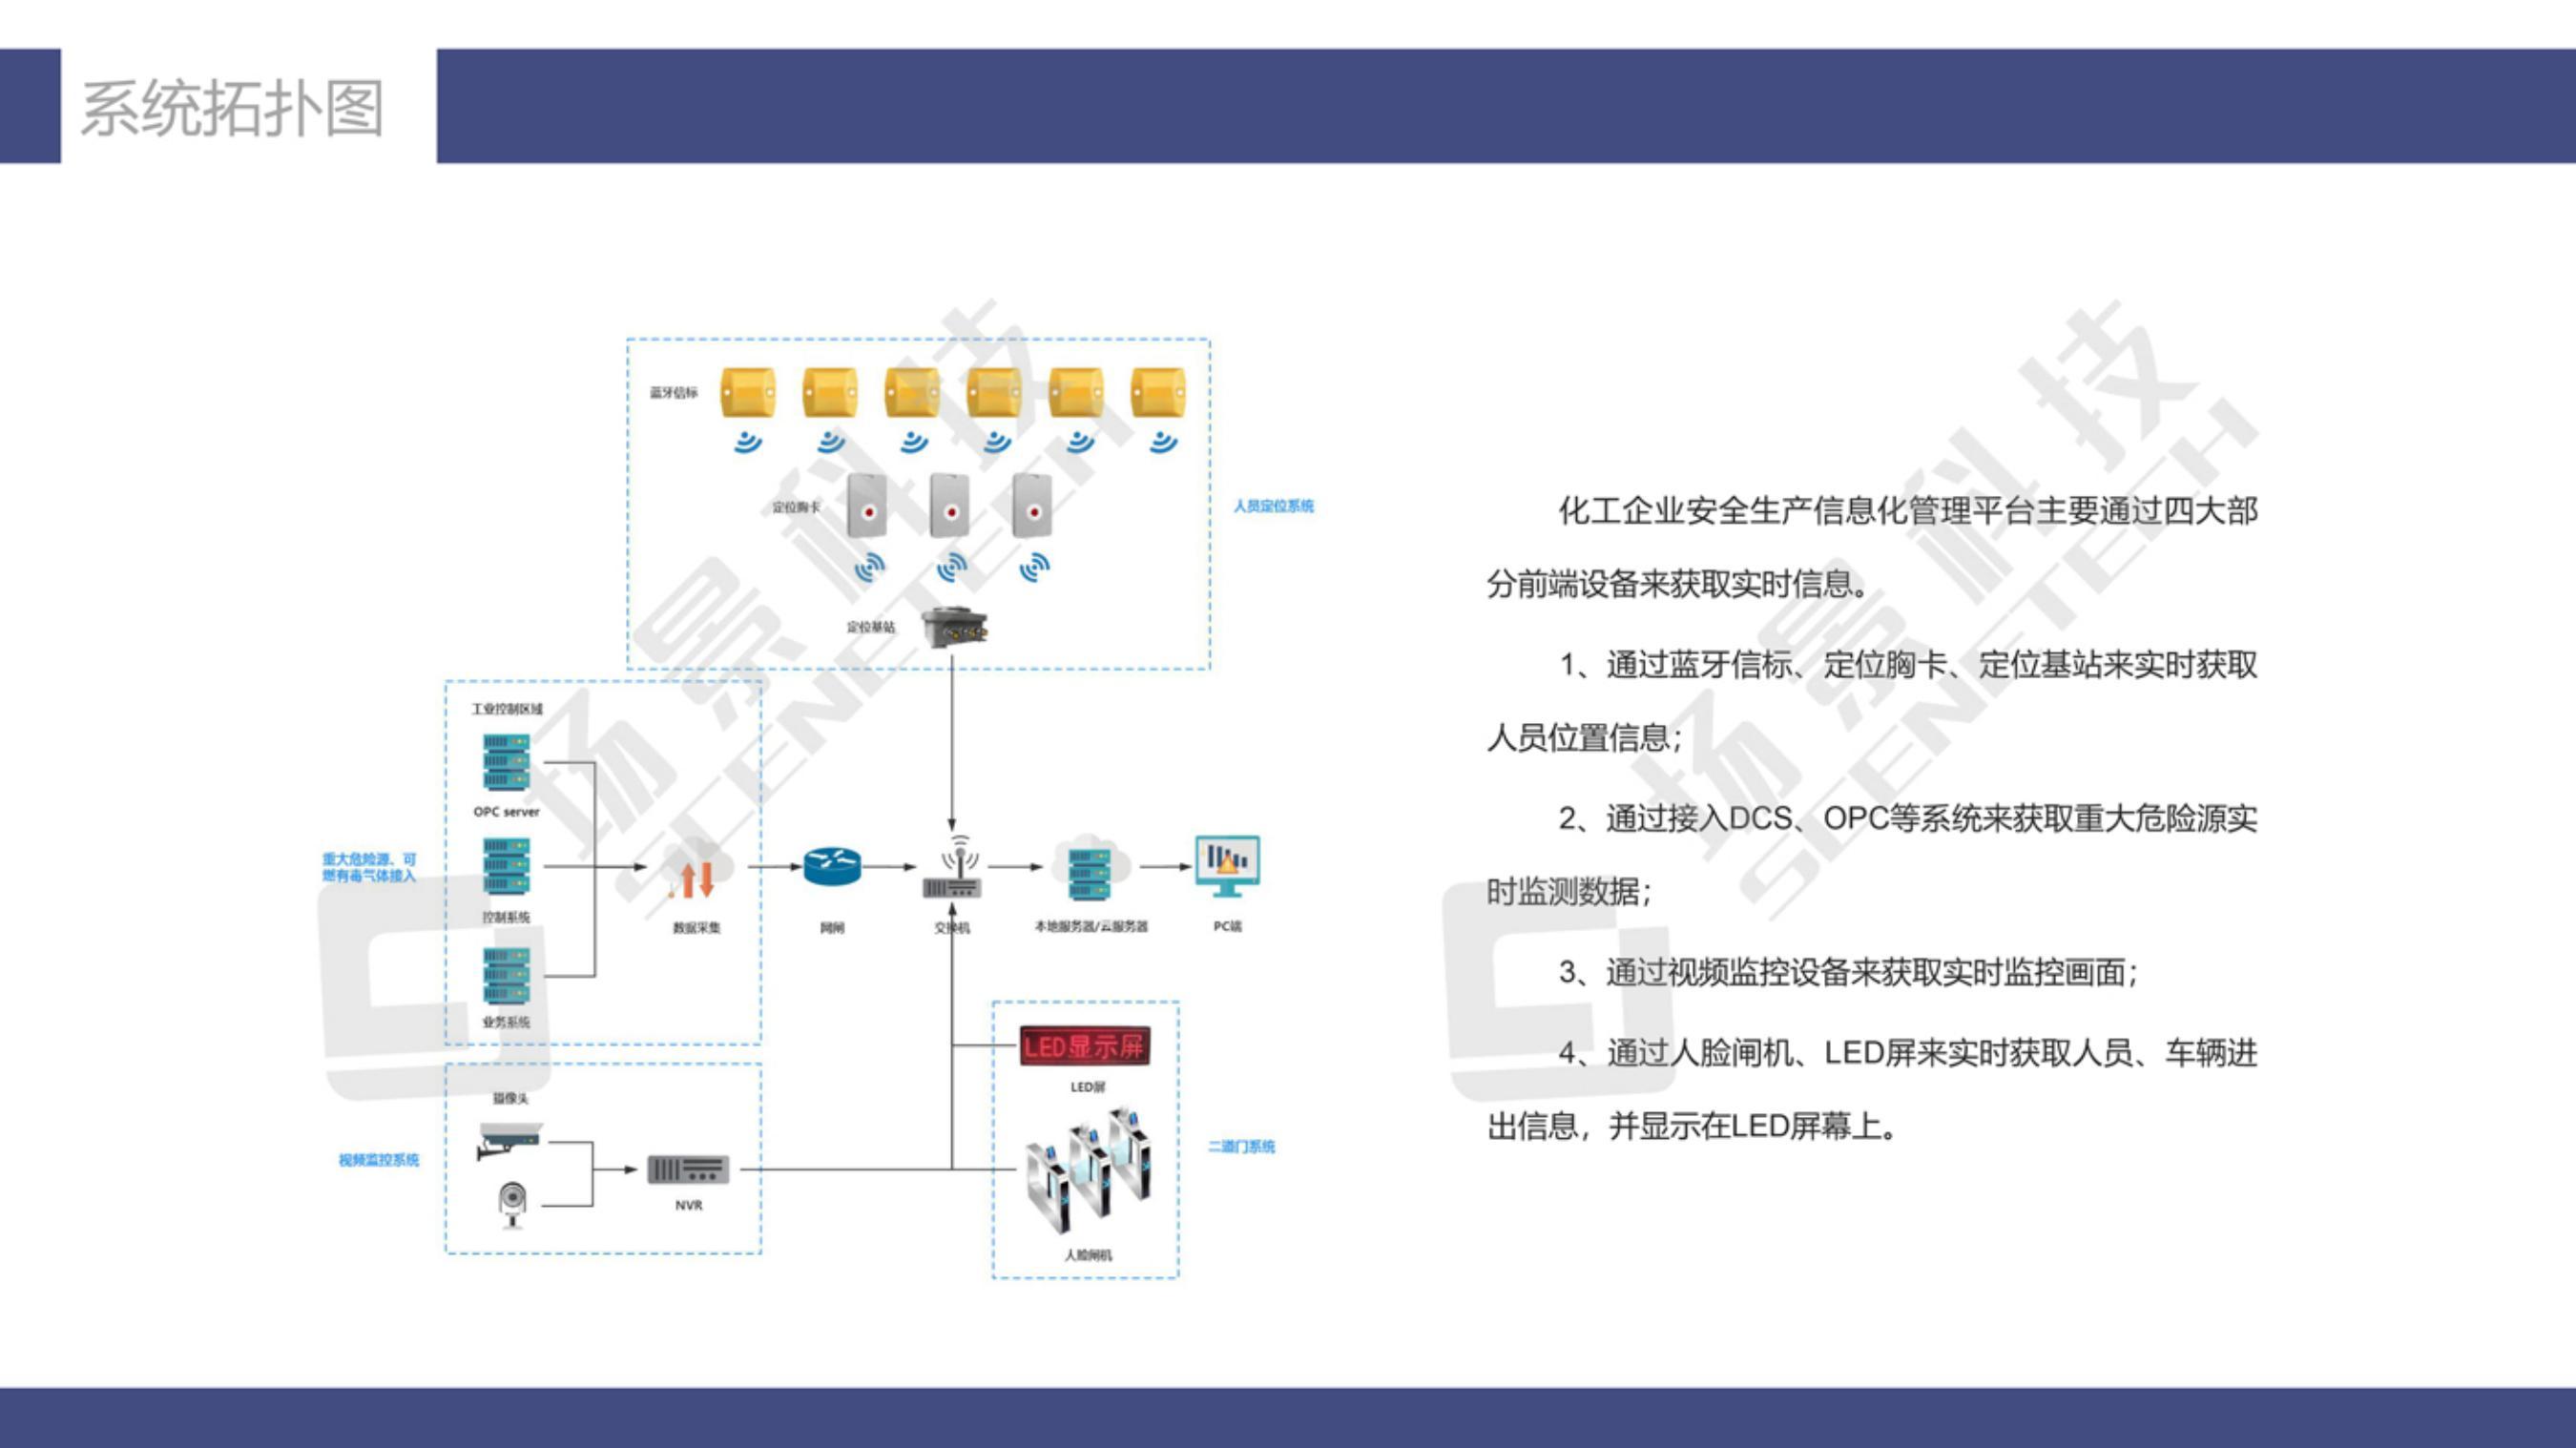 化工安全生产信息化管理解决方案20210511_10